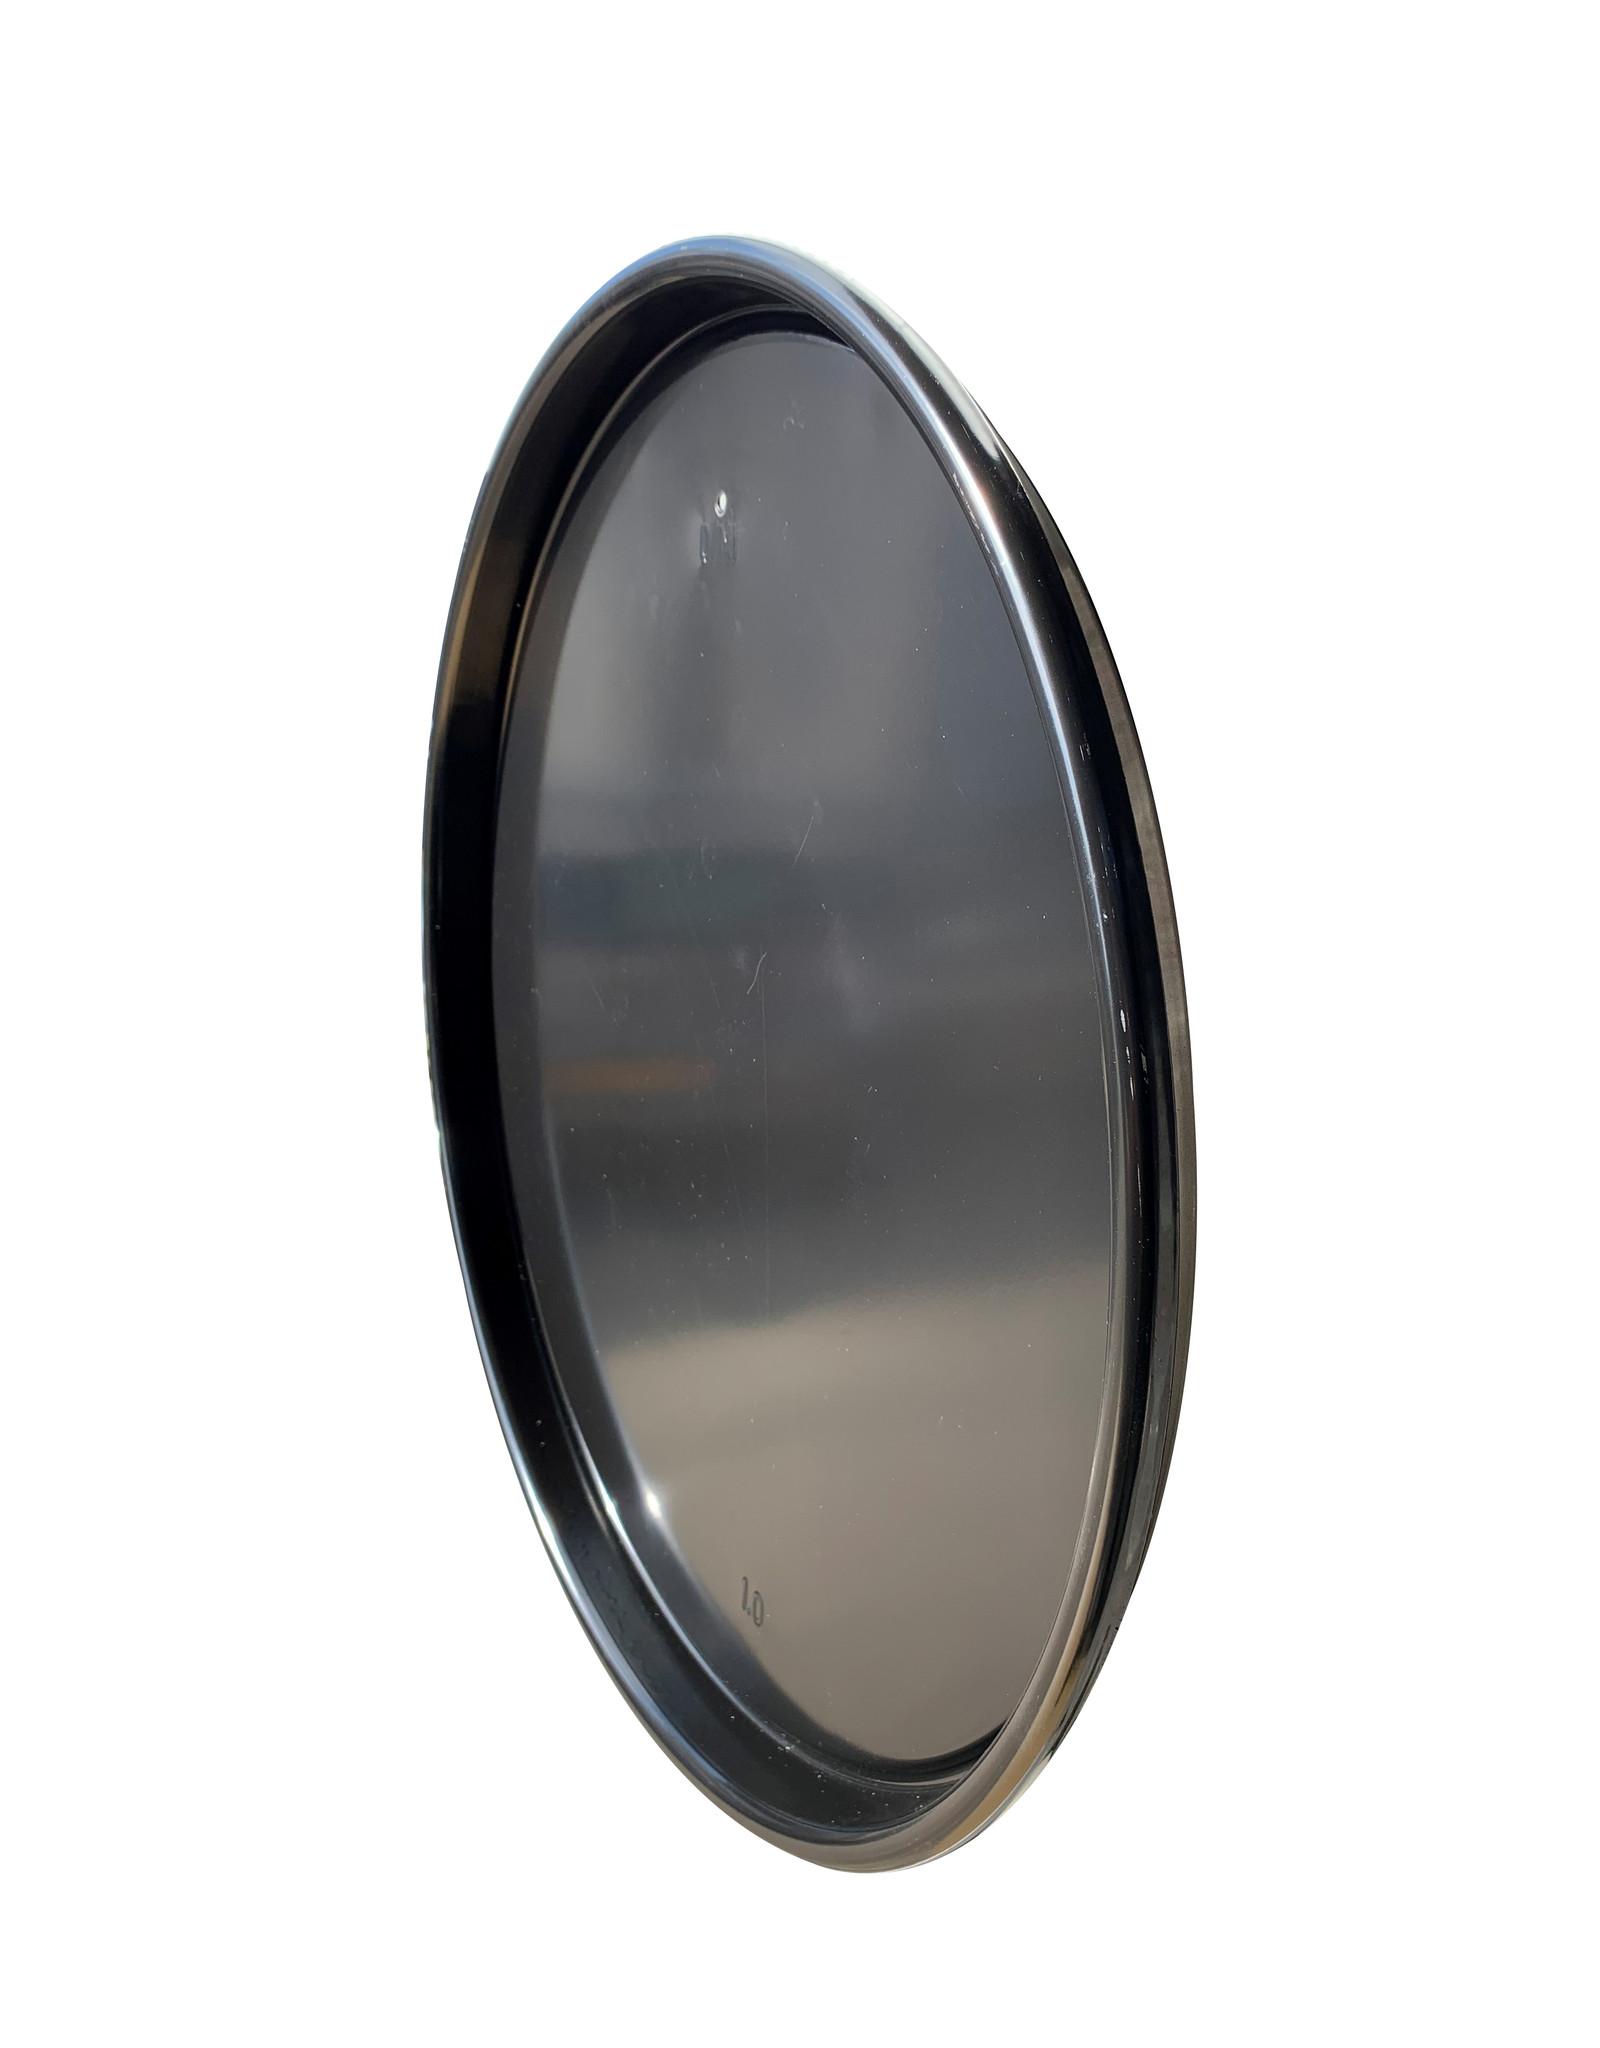 Barrelkings industrial magnetic board- black metal- 58 CM high-gloss black.